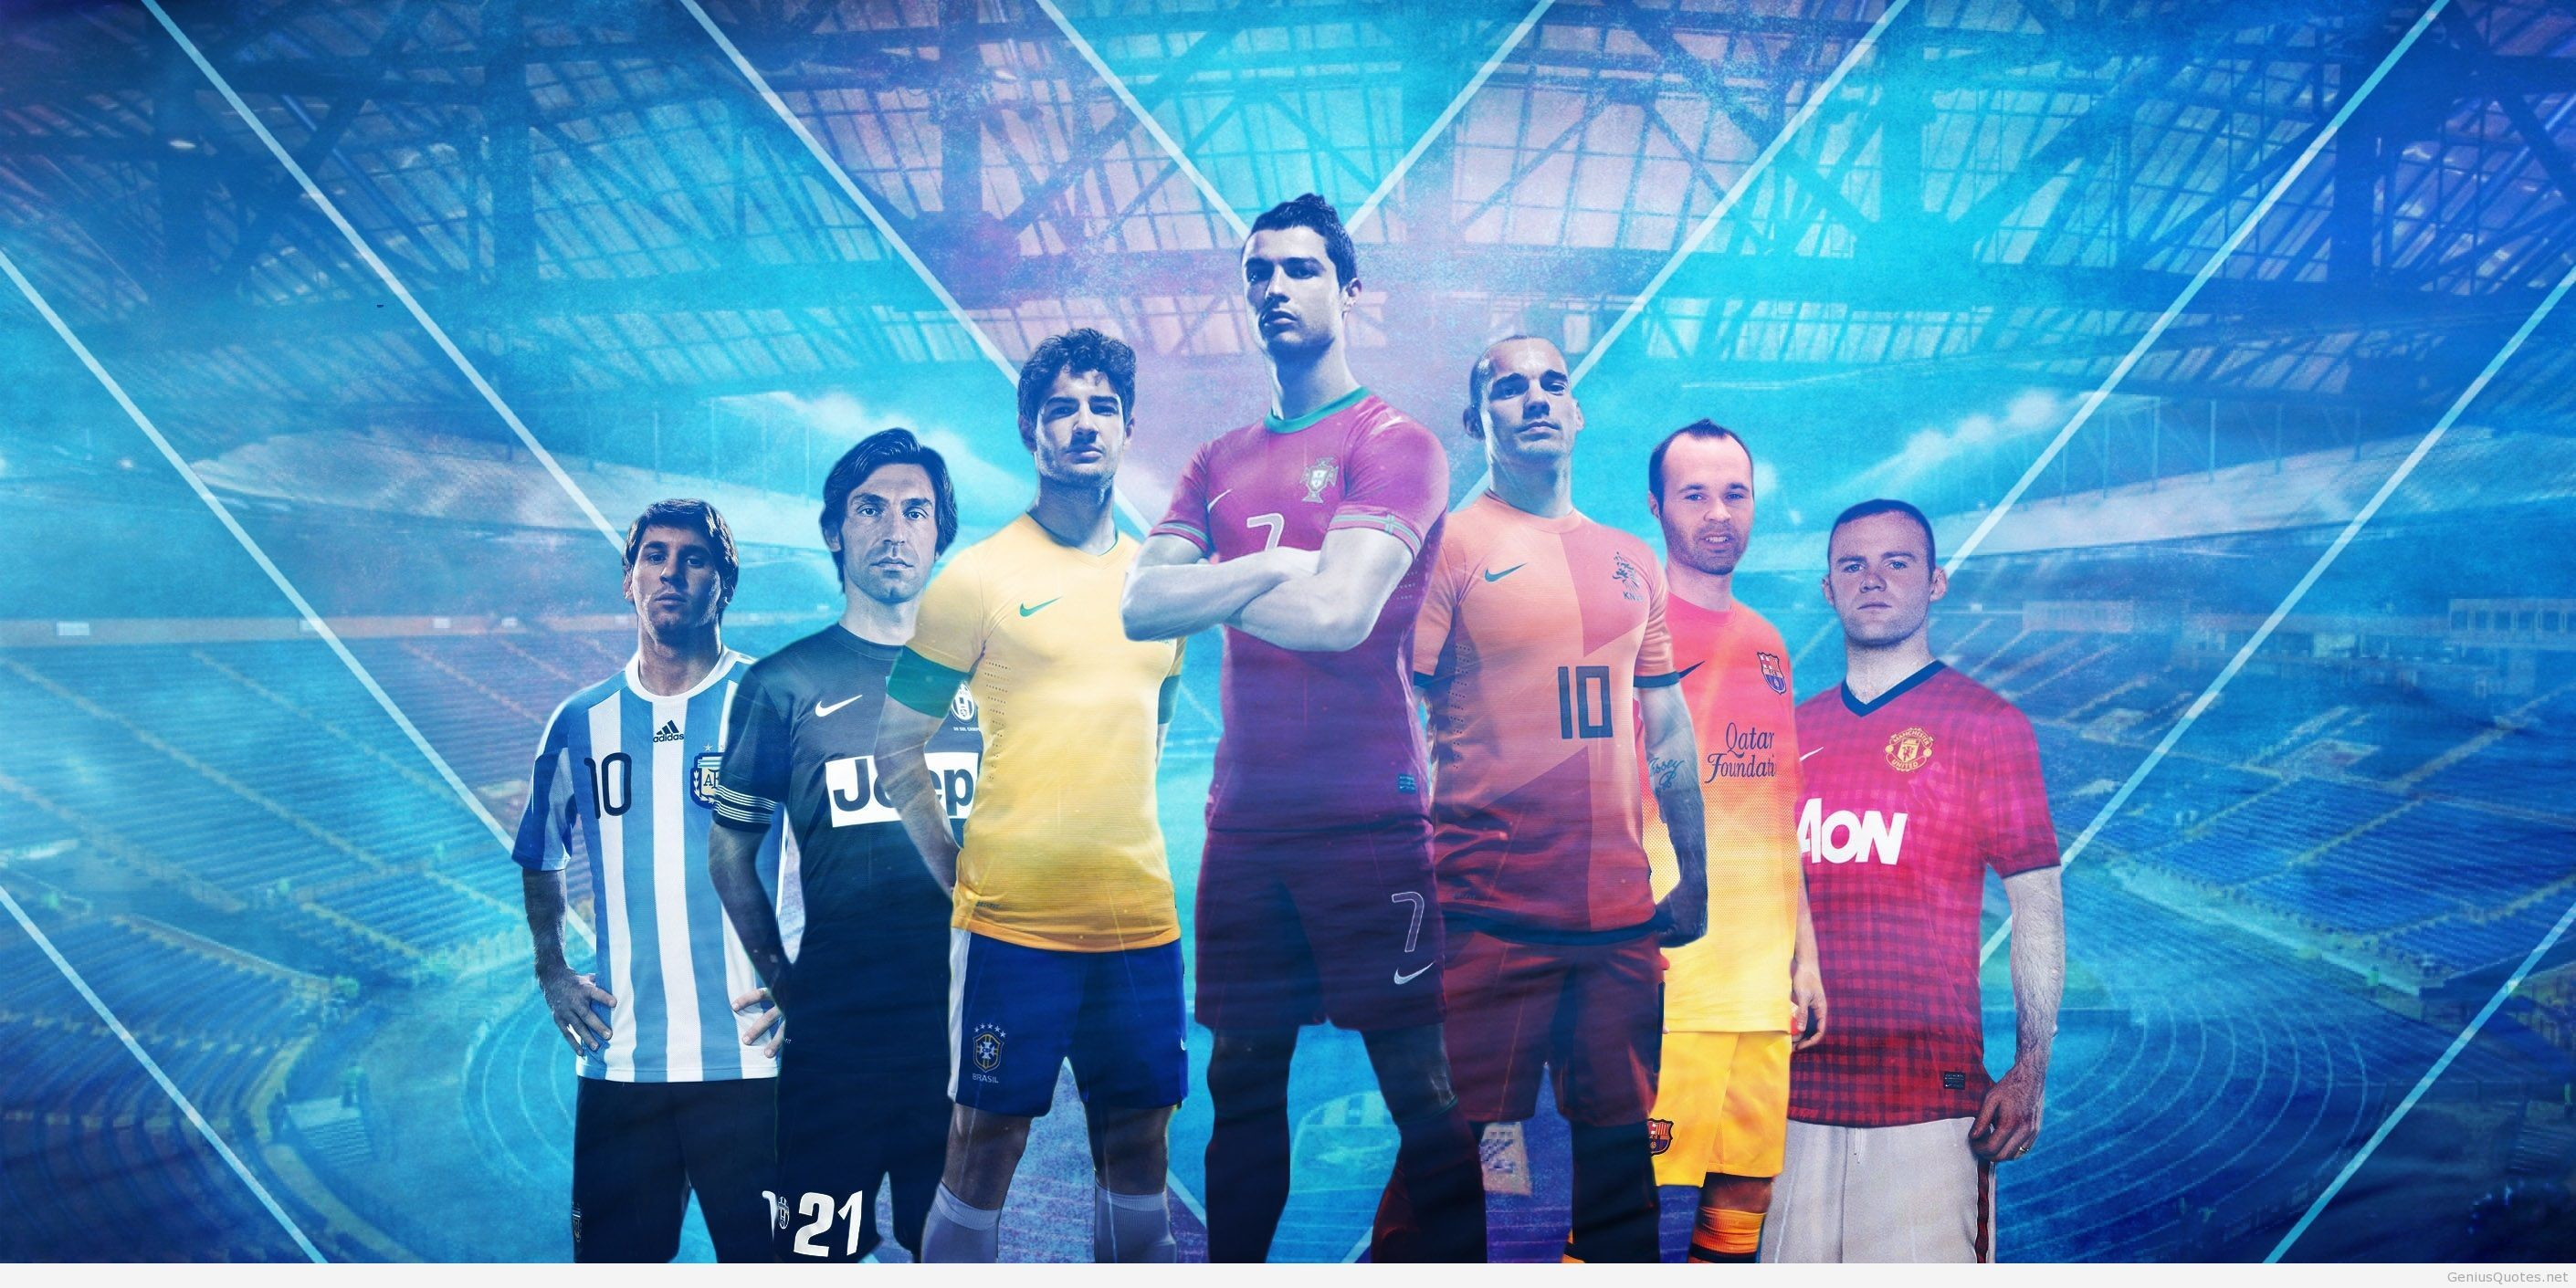 … neymar-ronaldo-messi-wallpapersports-messi-neymar-ronaldo-rooney- …